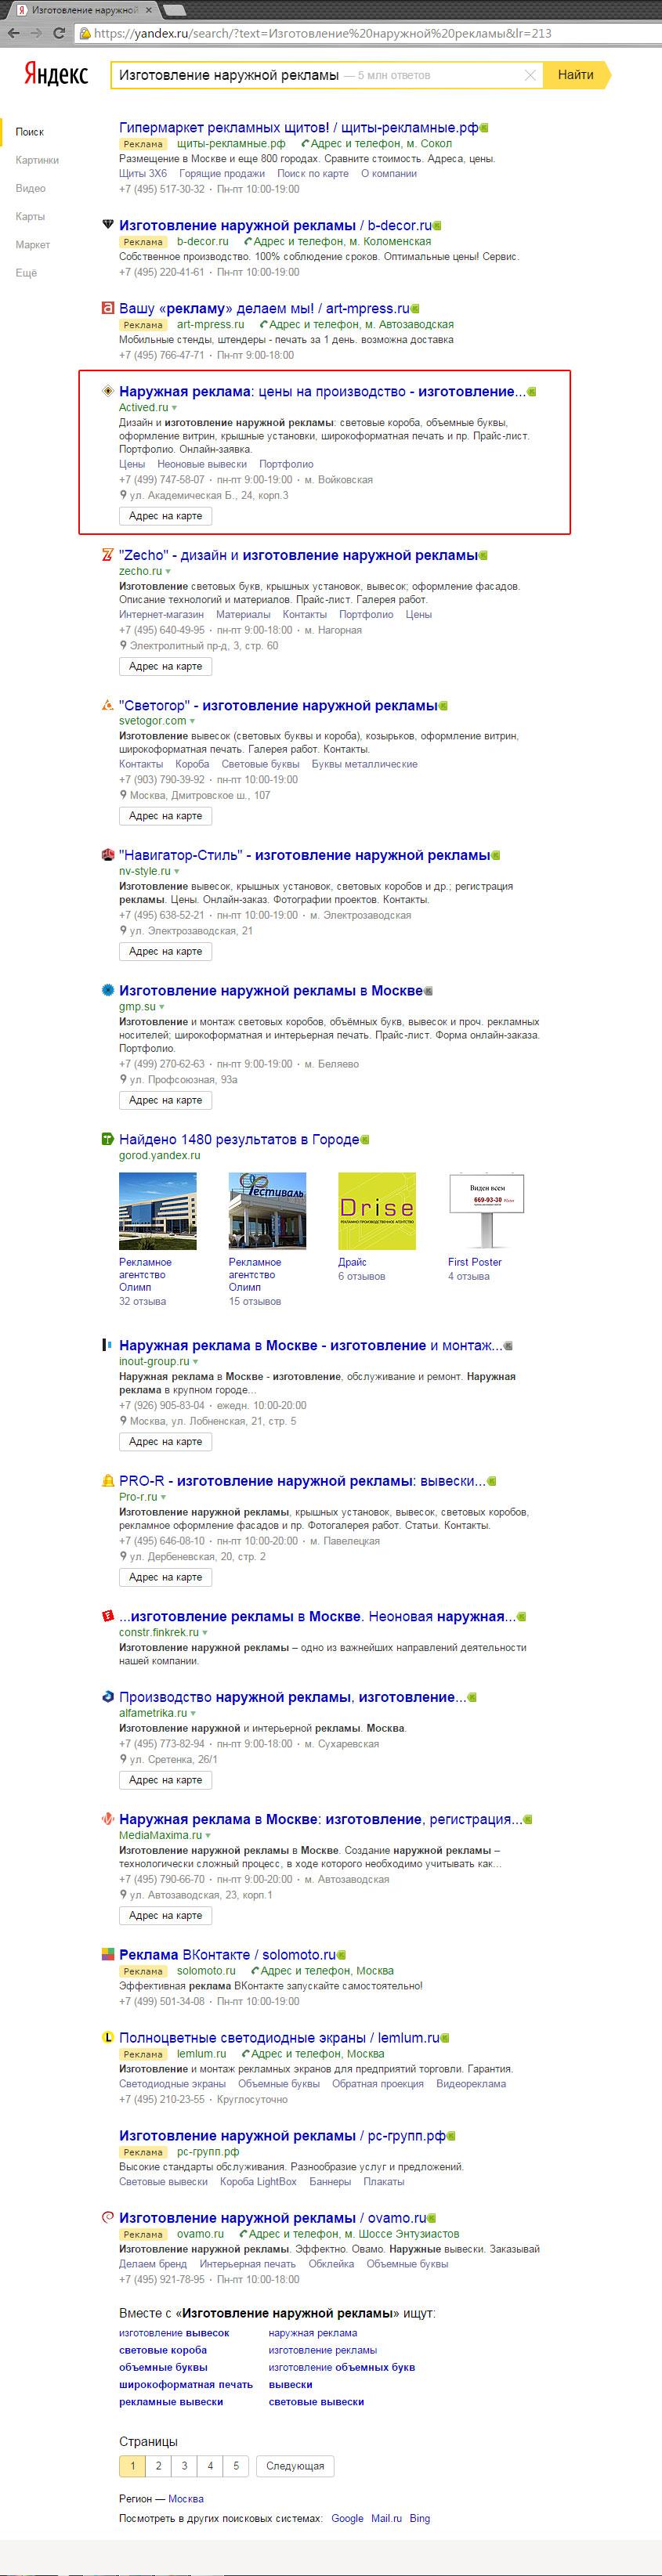 Изготовление наружной рекламы, Москва и область / Яндекс (1-место)